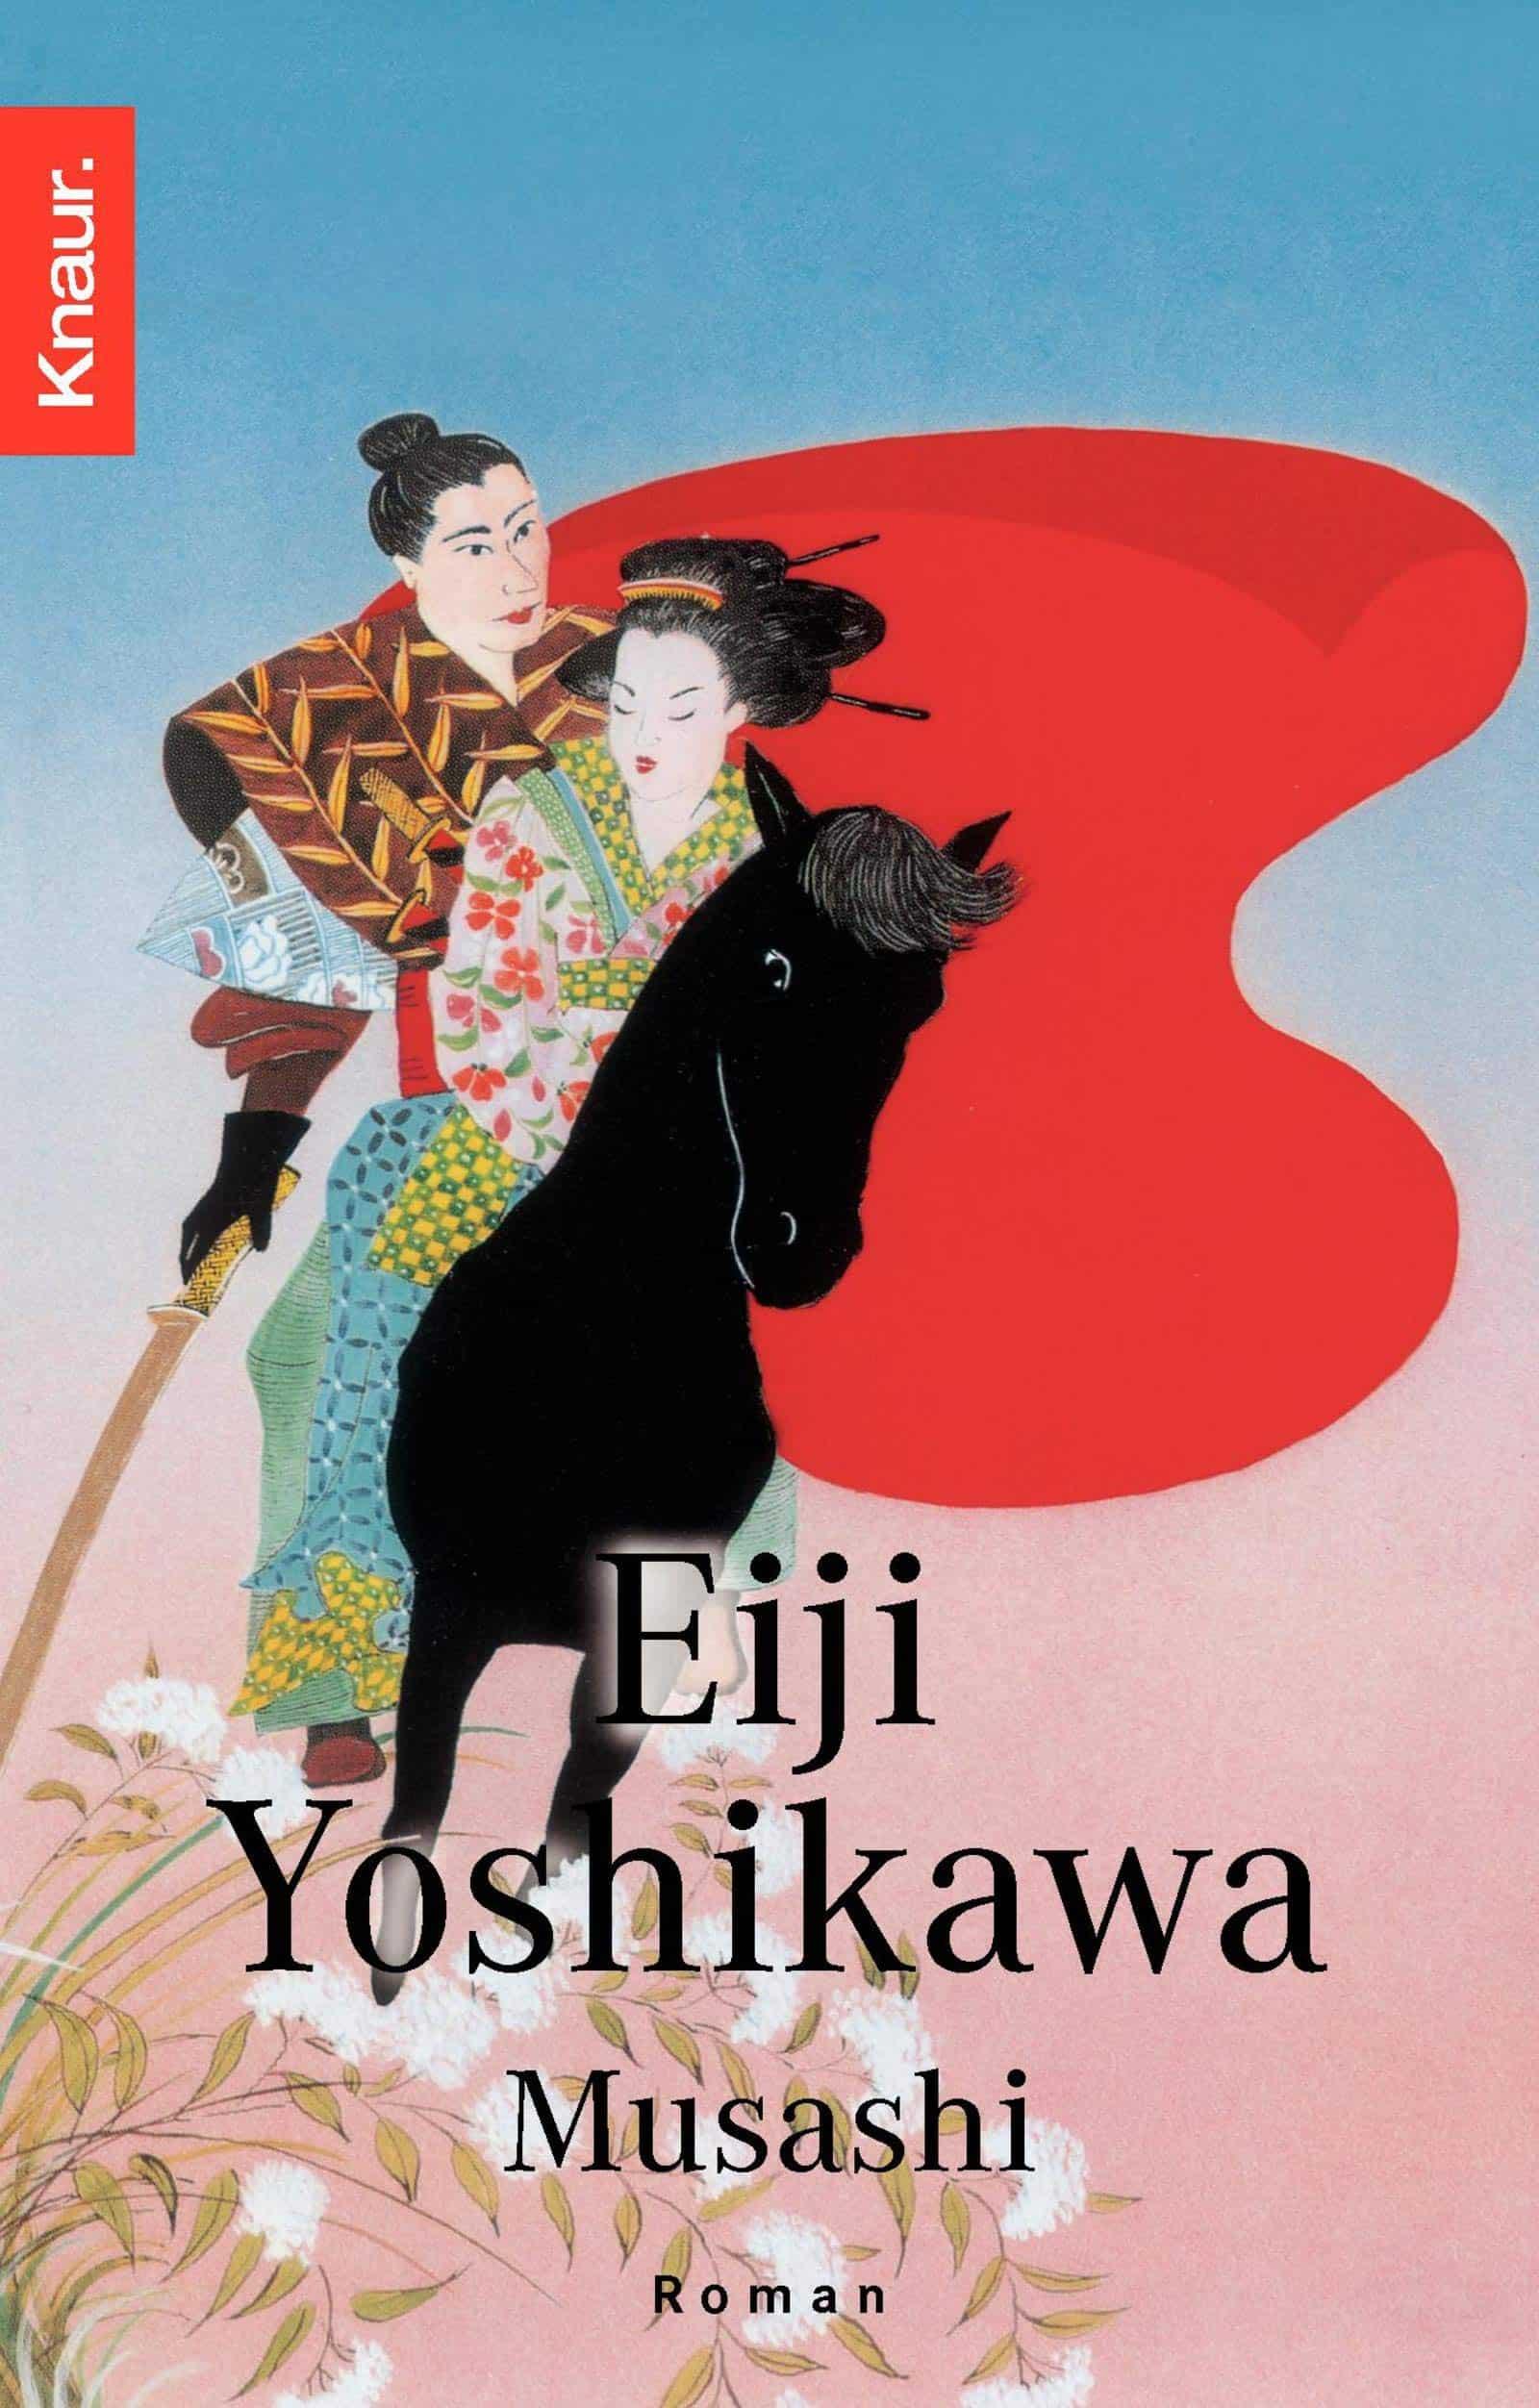 Musashi von Eiji Yoshikawa